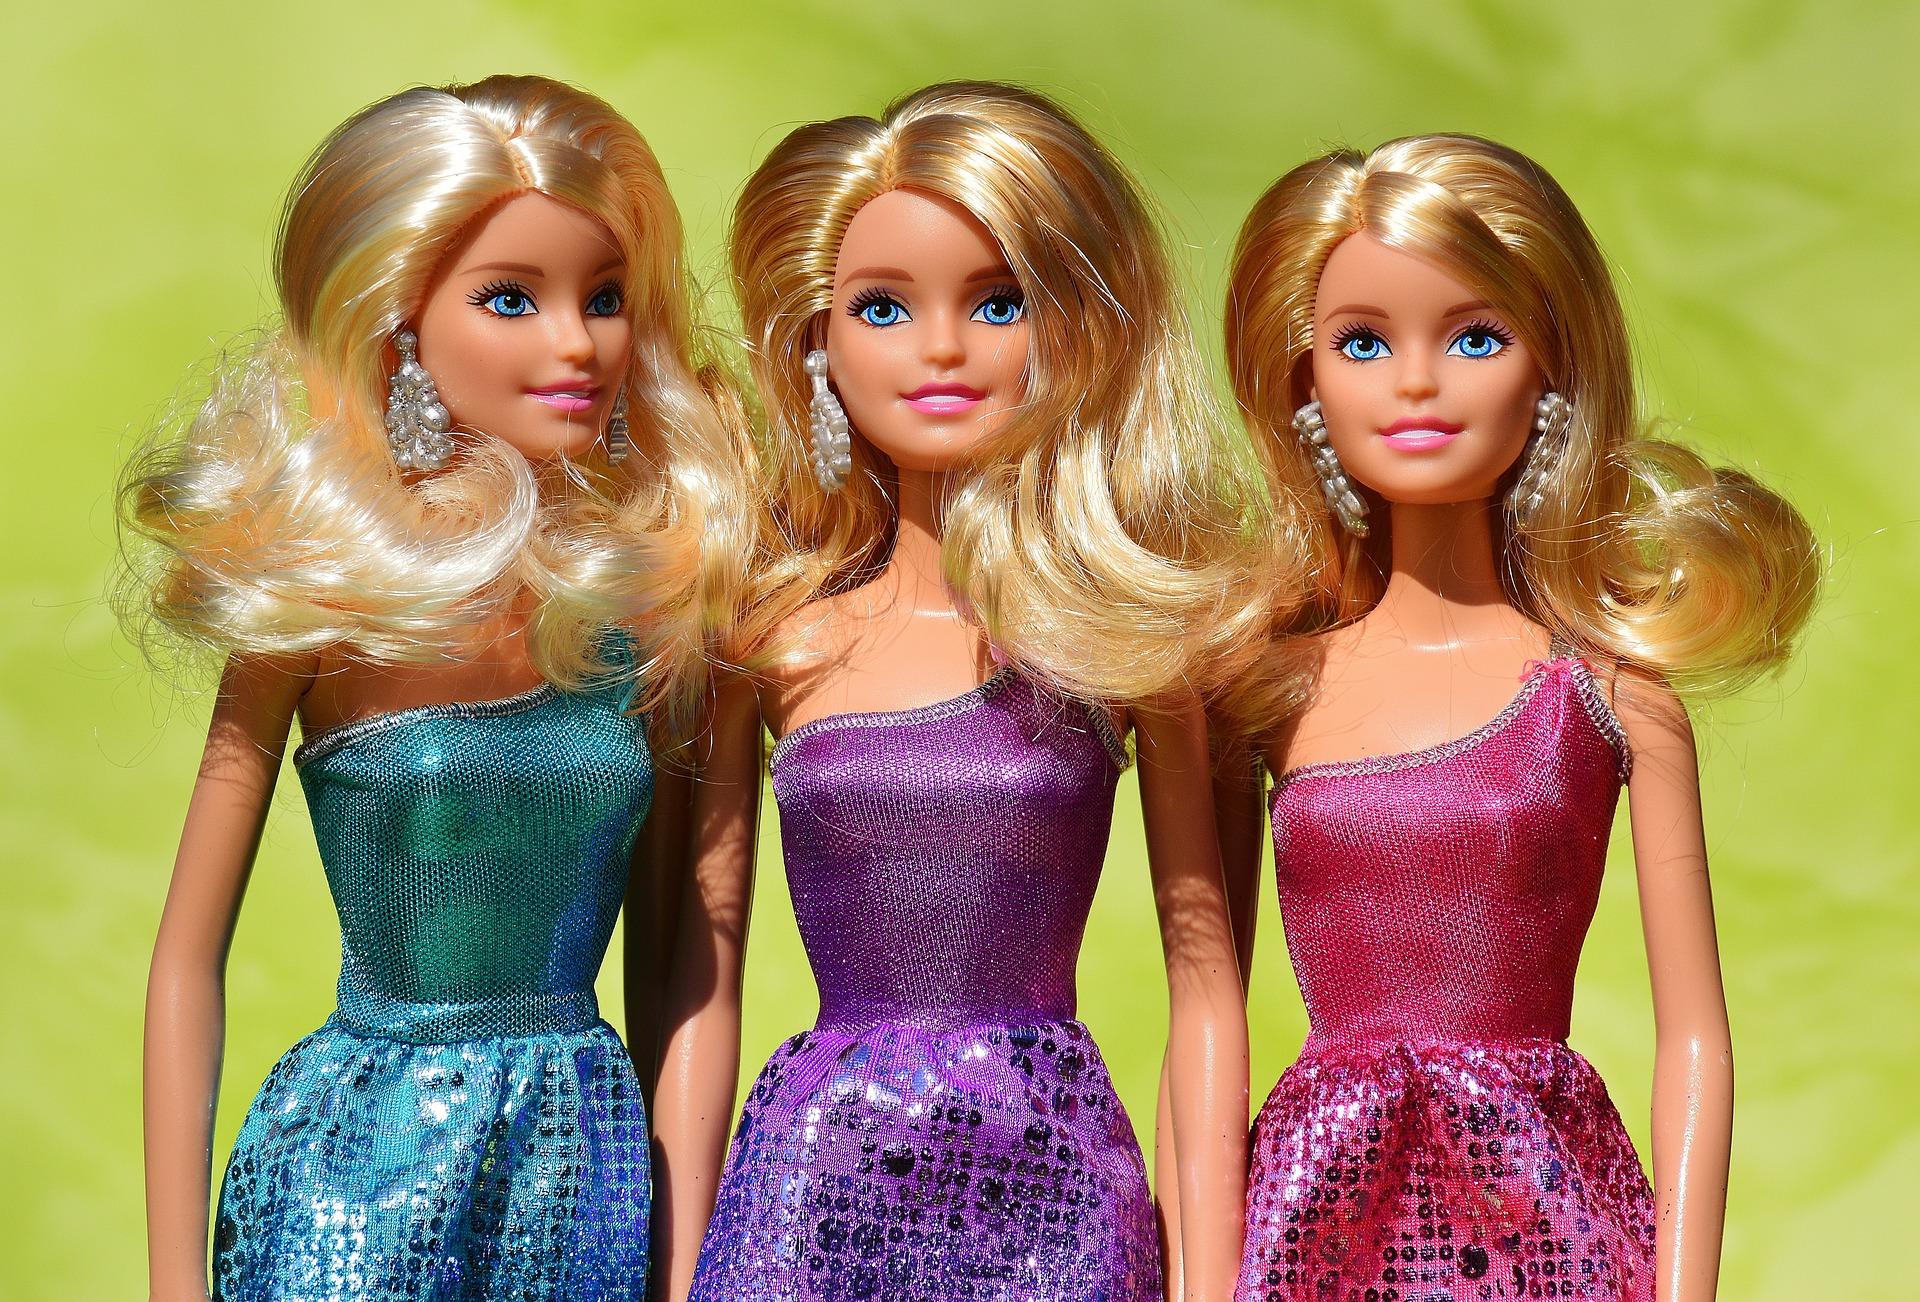 Racismo impreso en juguetes, denuncia Museo de Núremberg